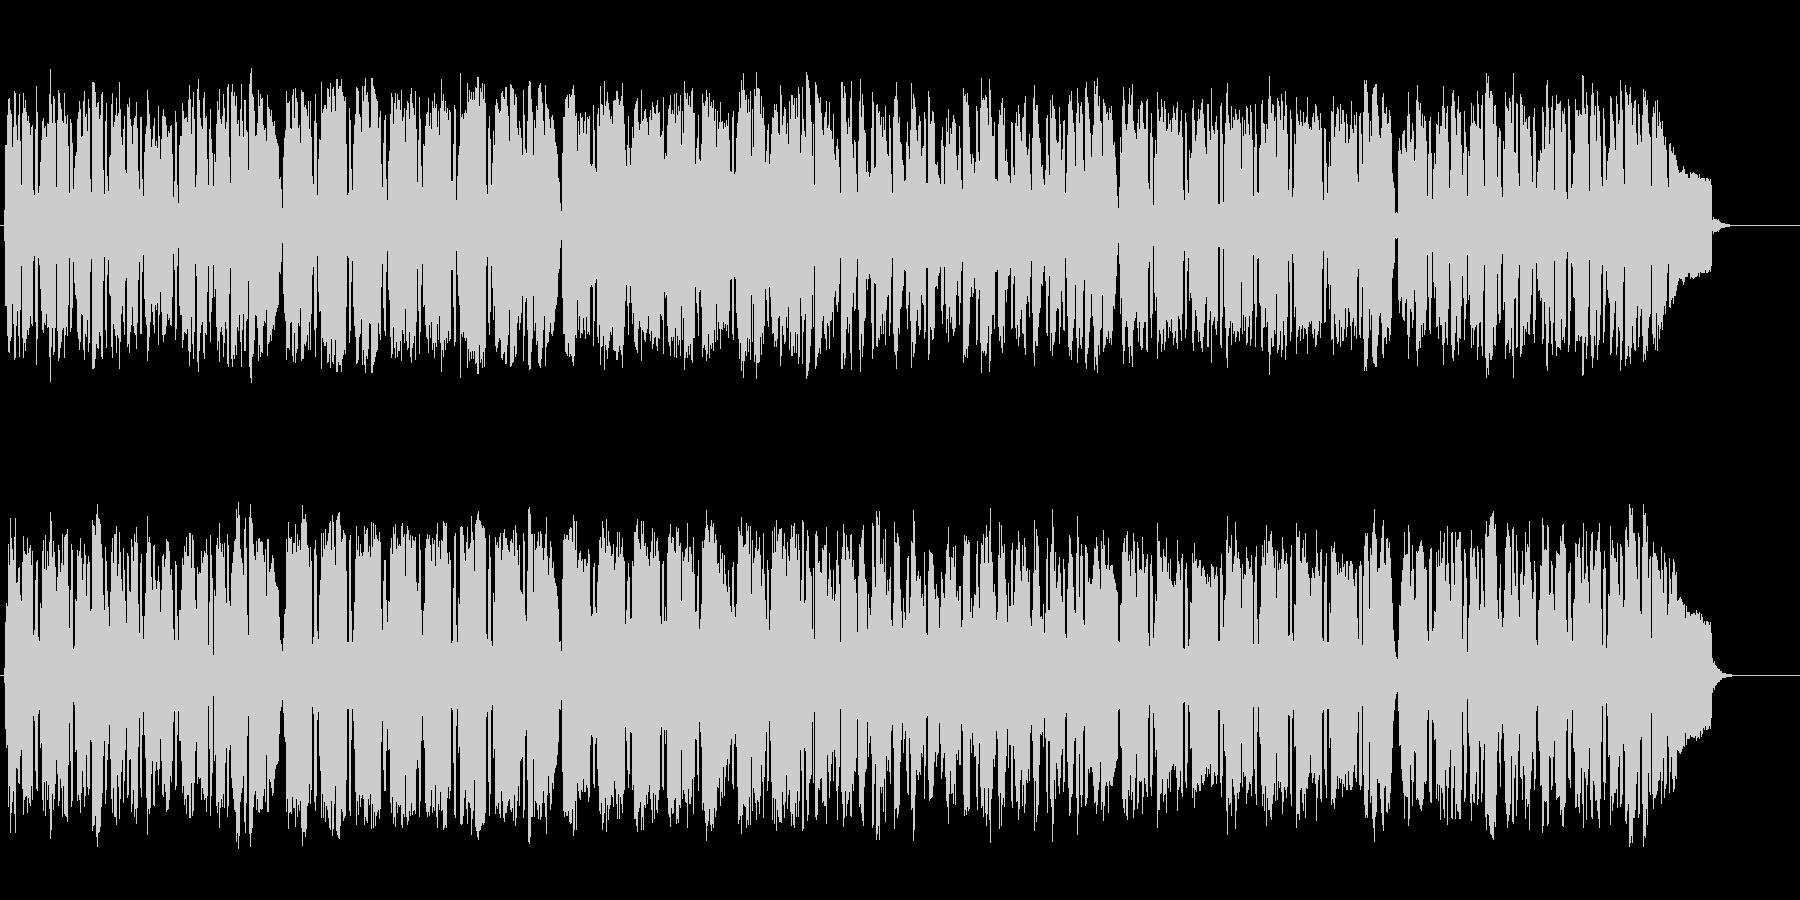 バロック調のエレガントなクラシックの未再生の波形